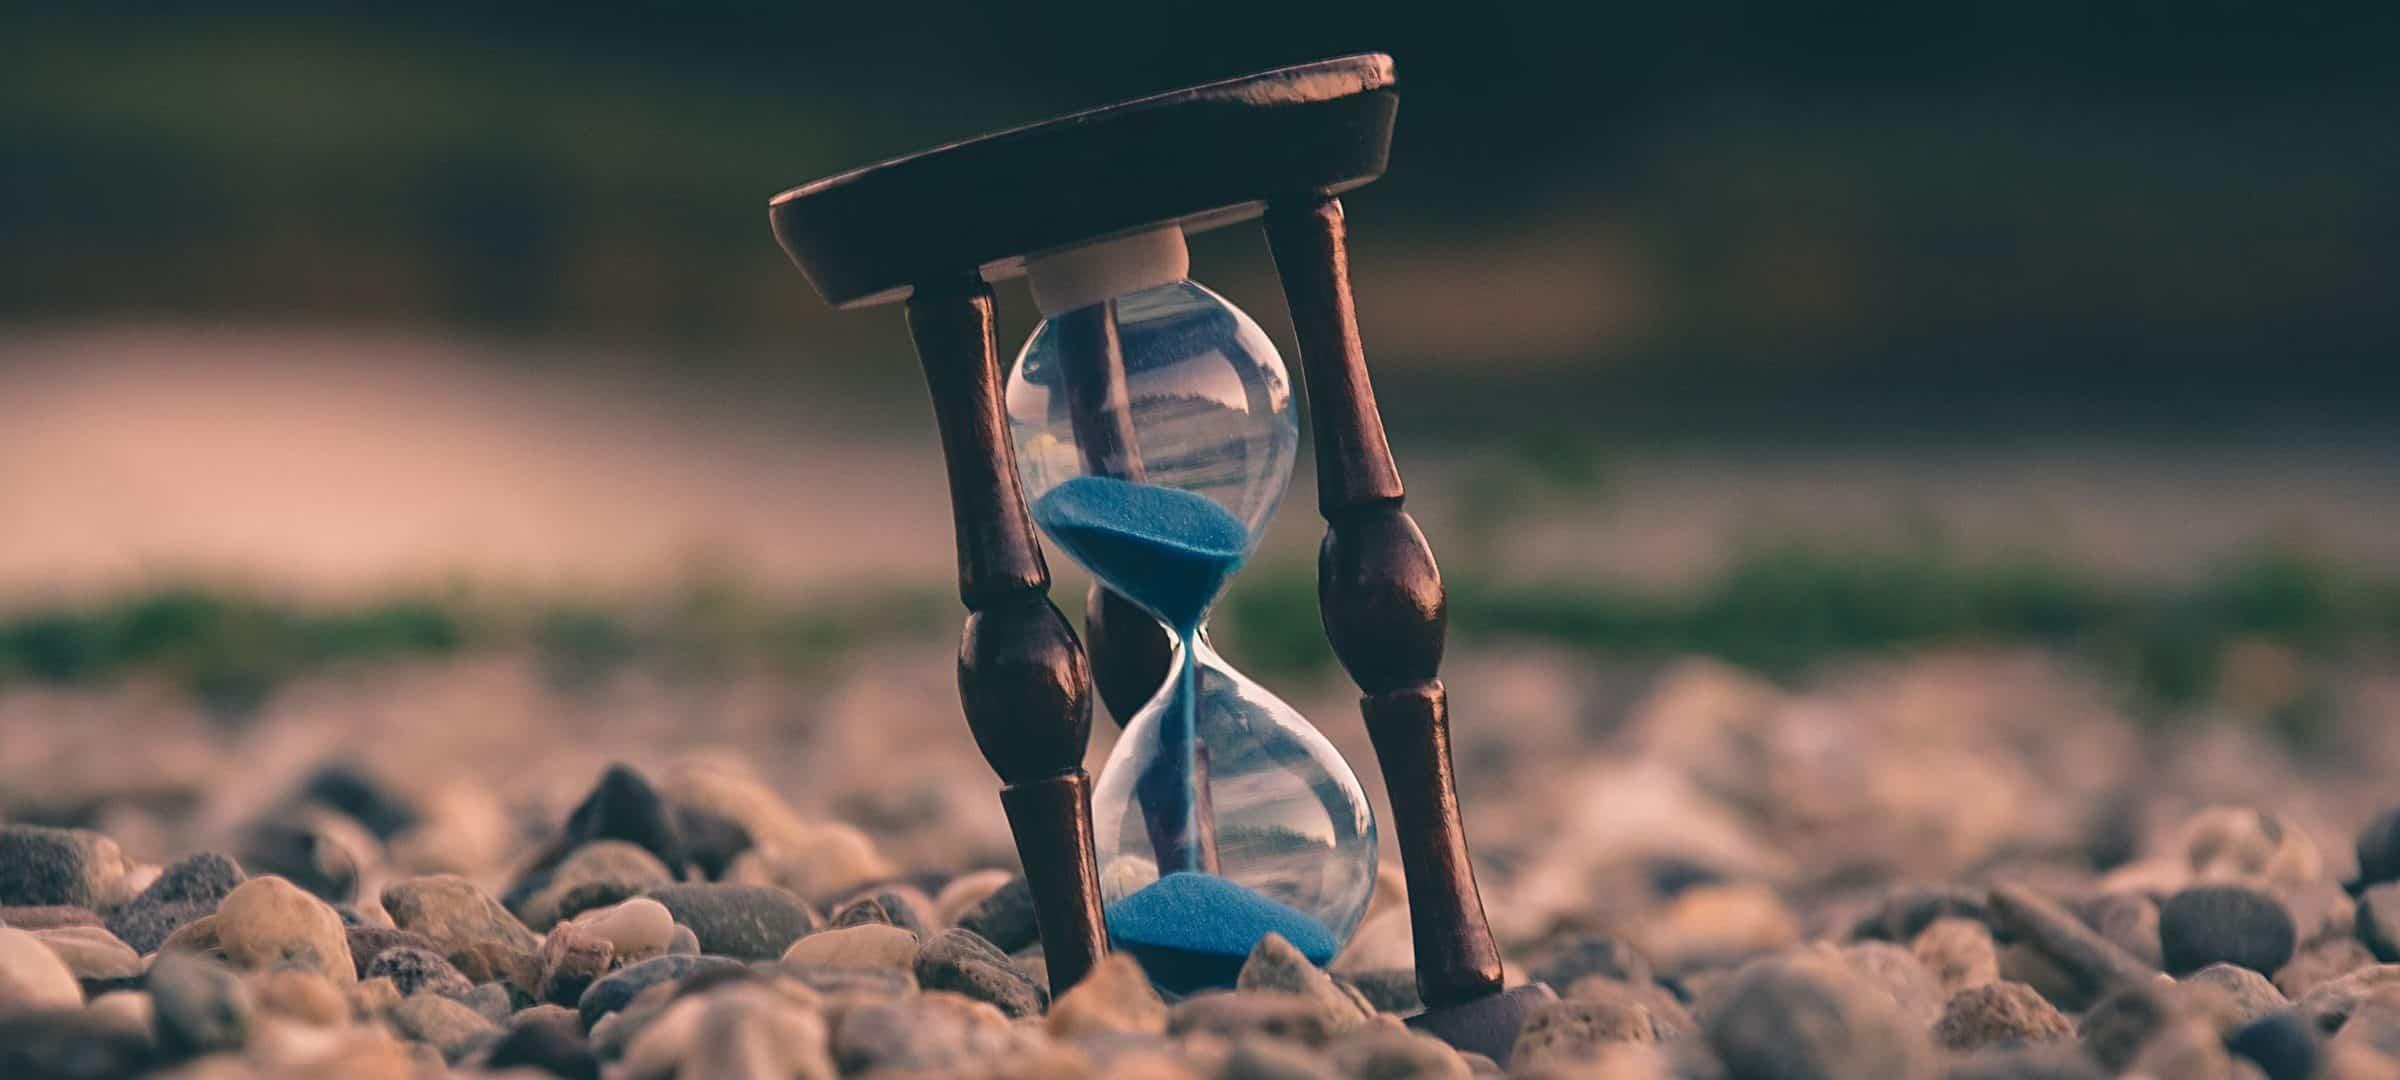 Blog:it bending time